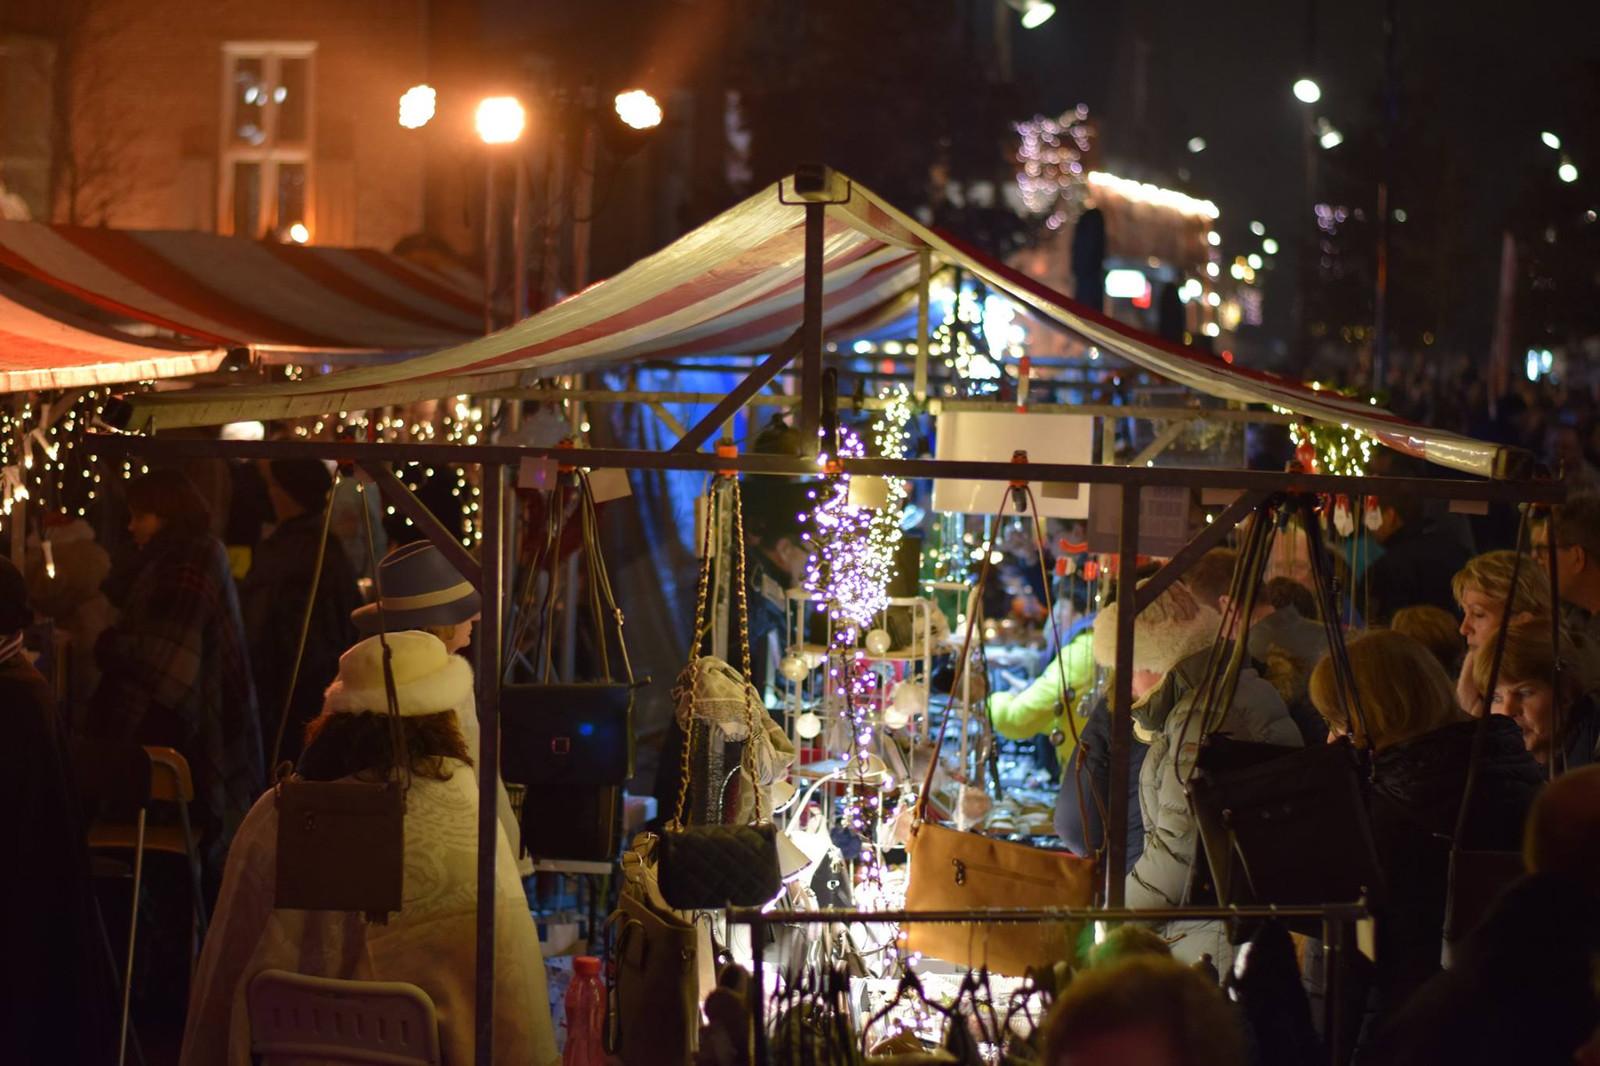 Dickensfestijn Drunen Kerstmarkt Brabant Kerstmarkt In Nederland